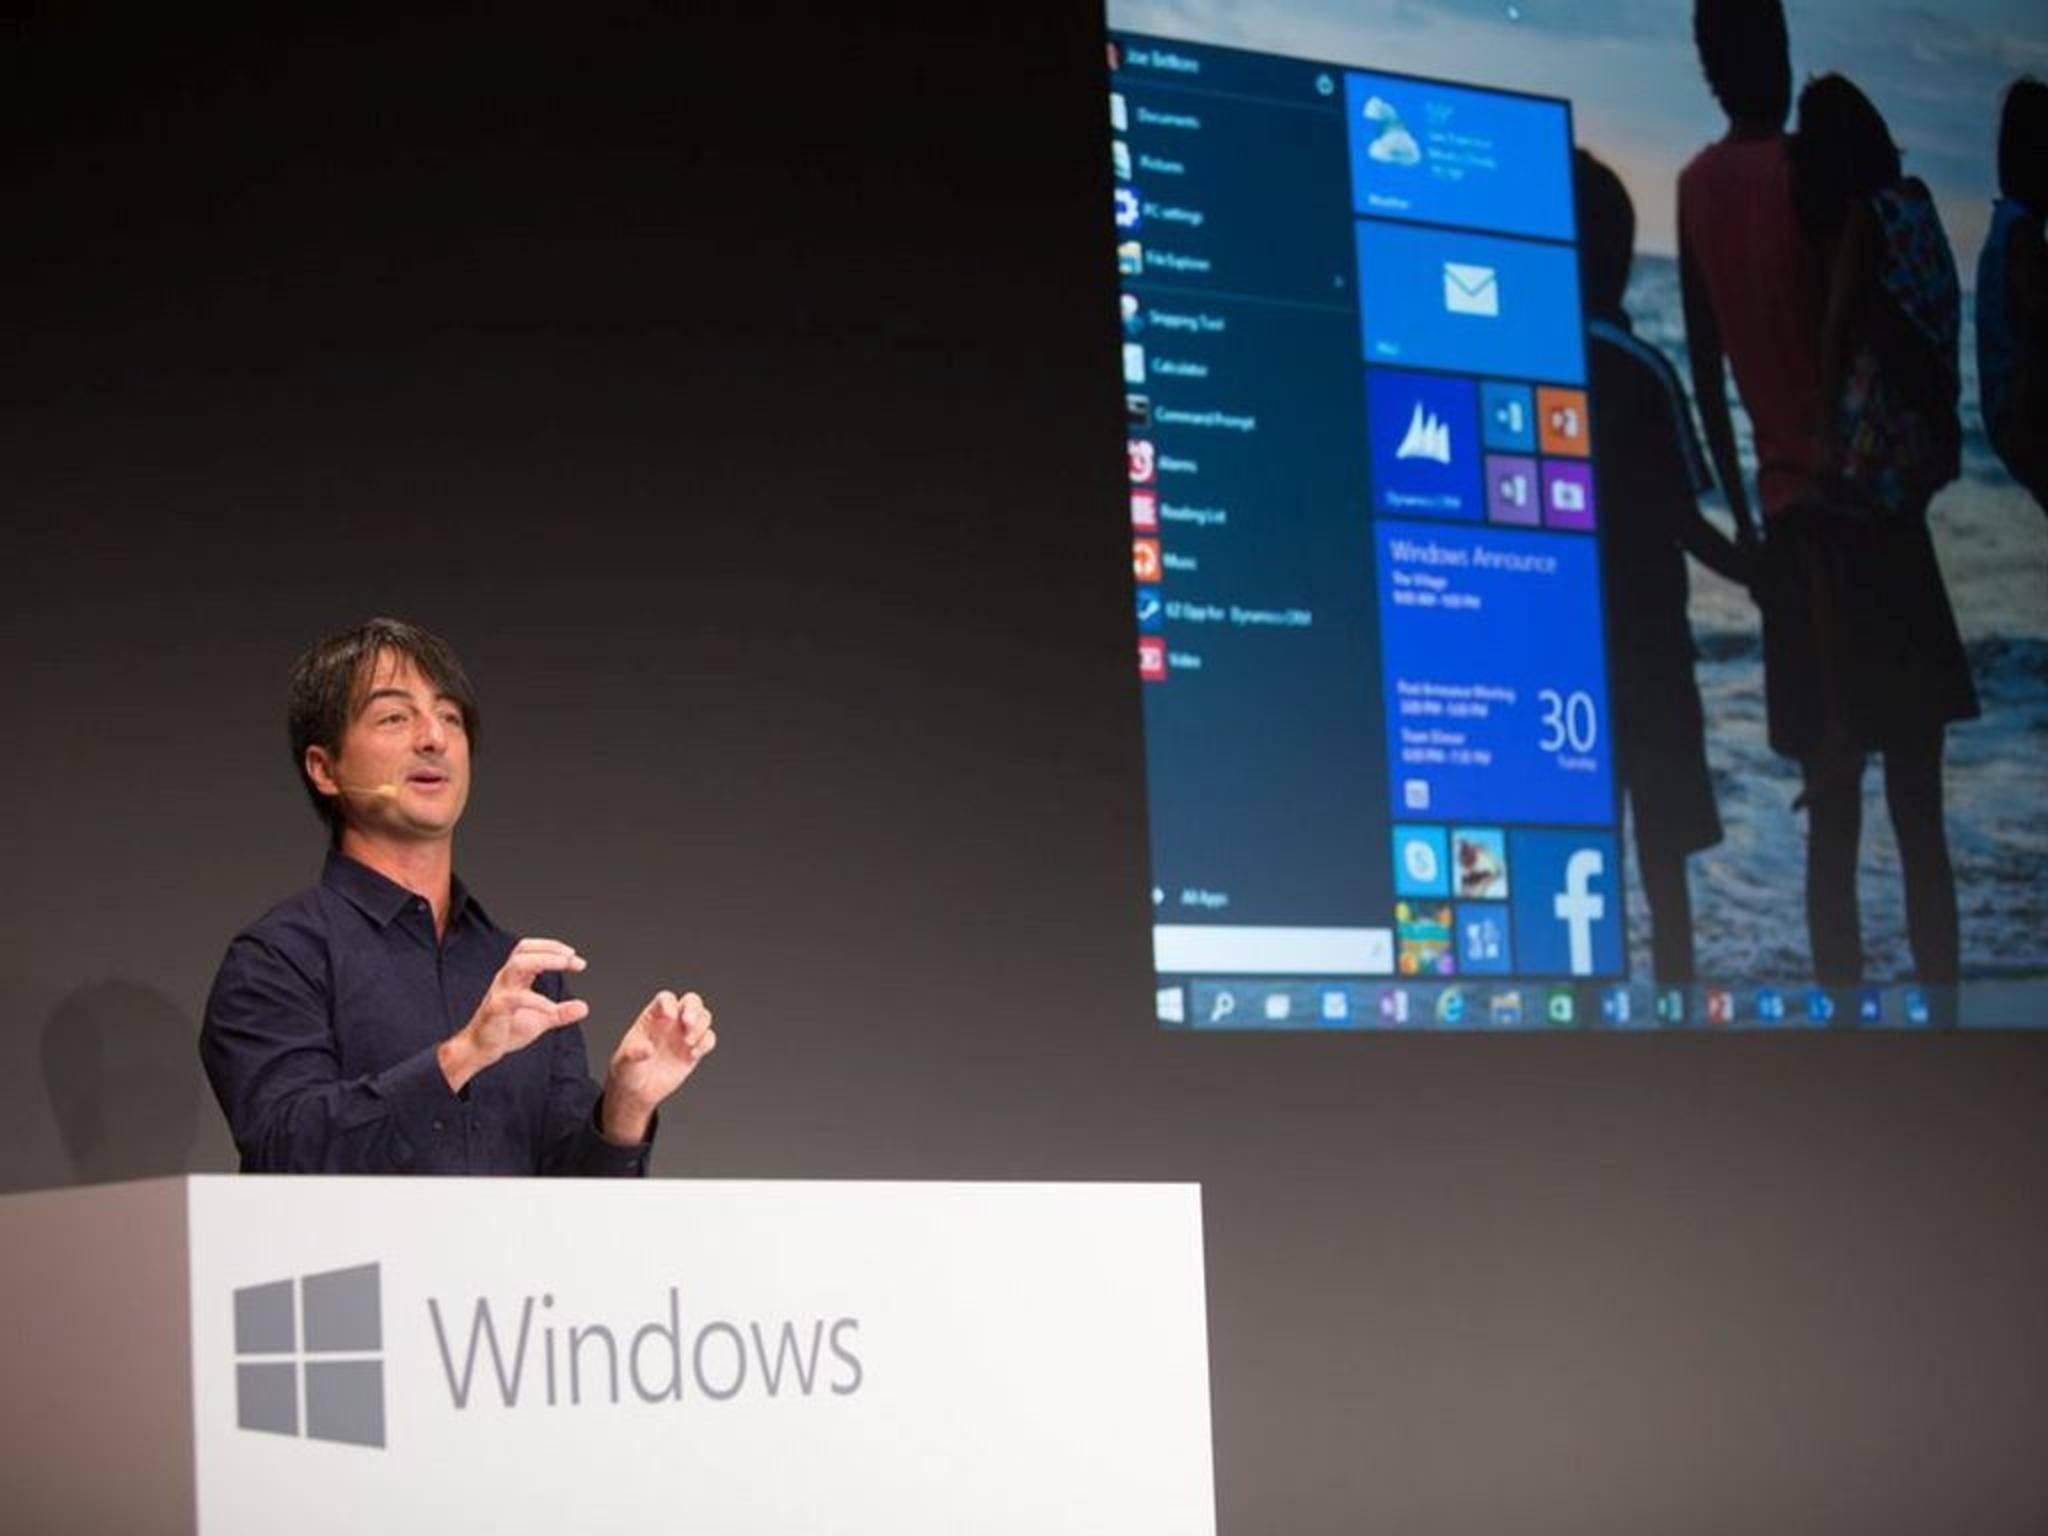 Wird er Spartan enthüllen? Microsofts Vize Joe Belfiore bei der ersten Vorstellung von Windows 10.